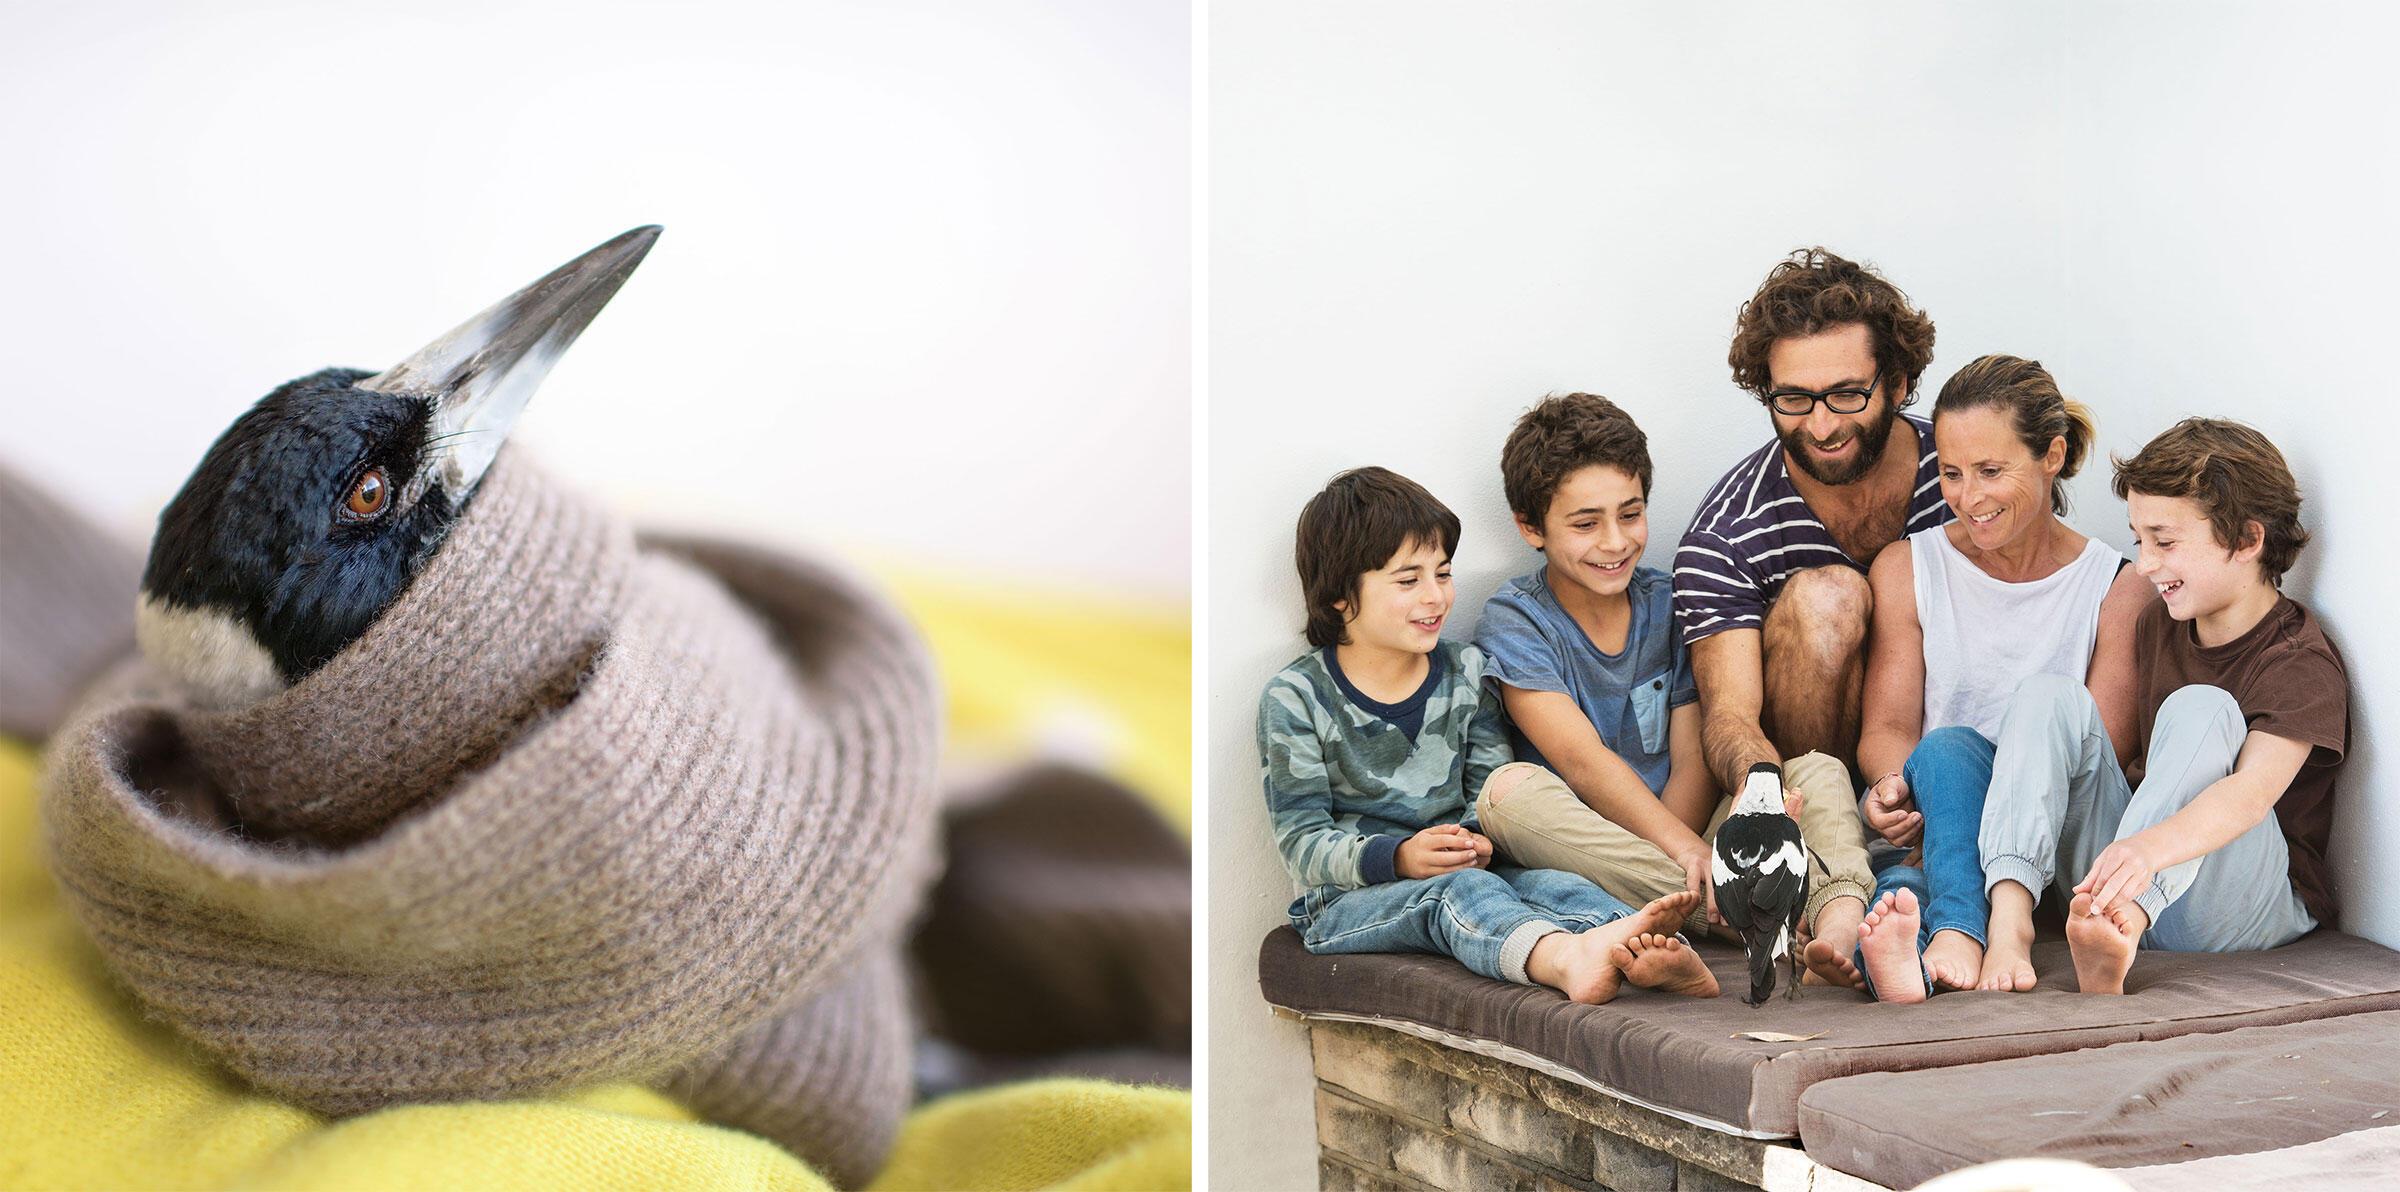 Penguin disfruta ser el centro de atención entre nosotros cinco, su familia adoptiva (desde la izquierda): Oli, Rueben, Cameron, Sam, y Noah. Fotografías: Cameron Bloom